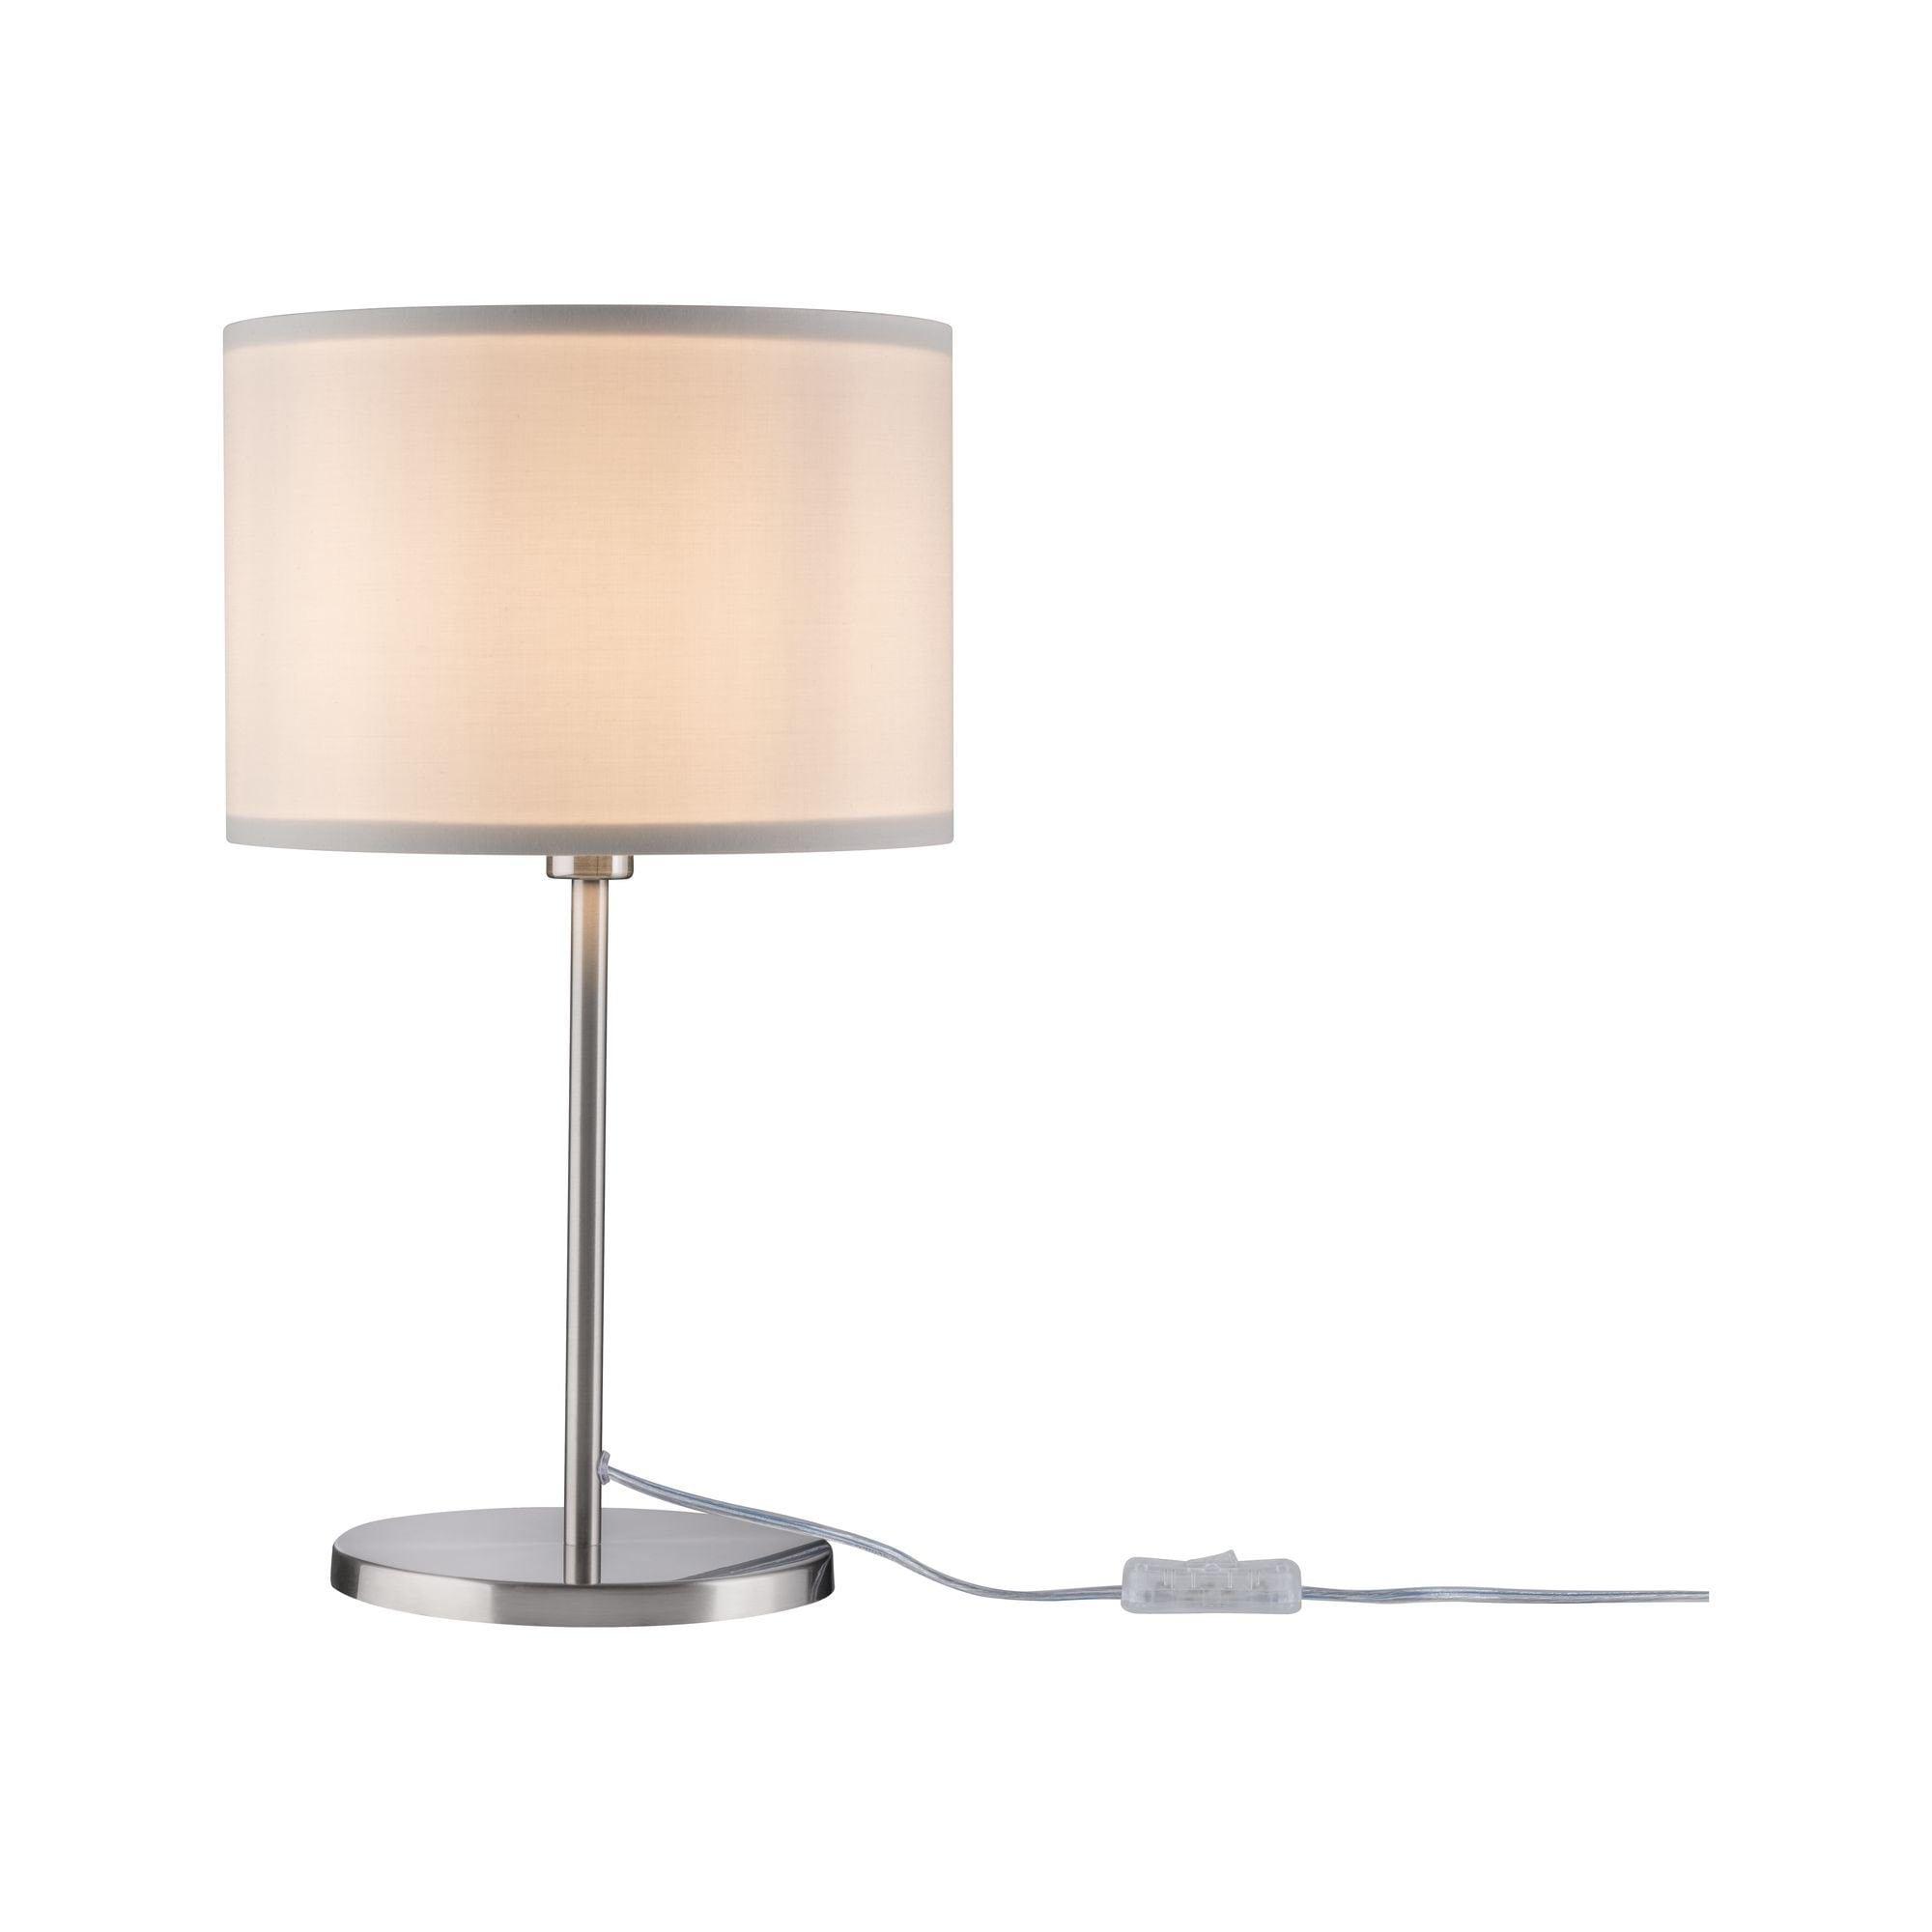 Paulmann,LED Tischleuchte Tessa Creme/Eisen gebürstet, max. 40W E14